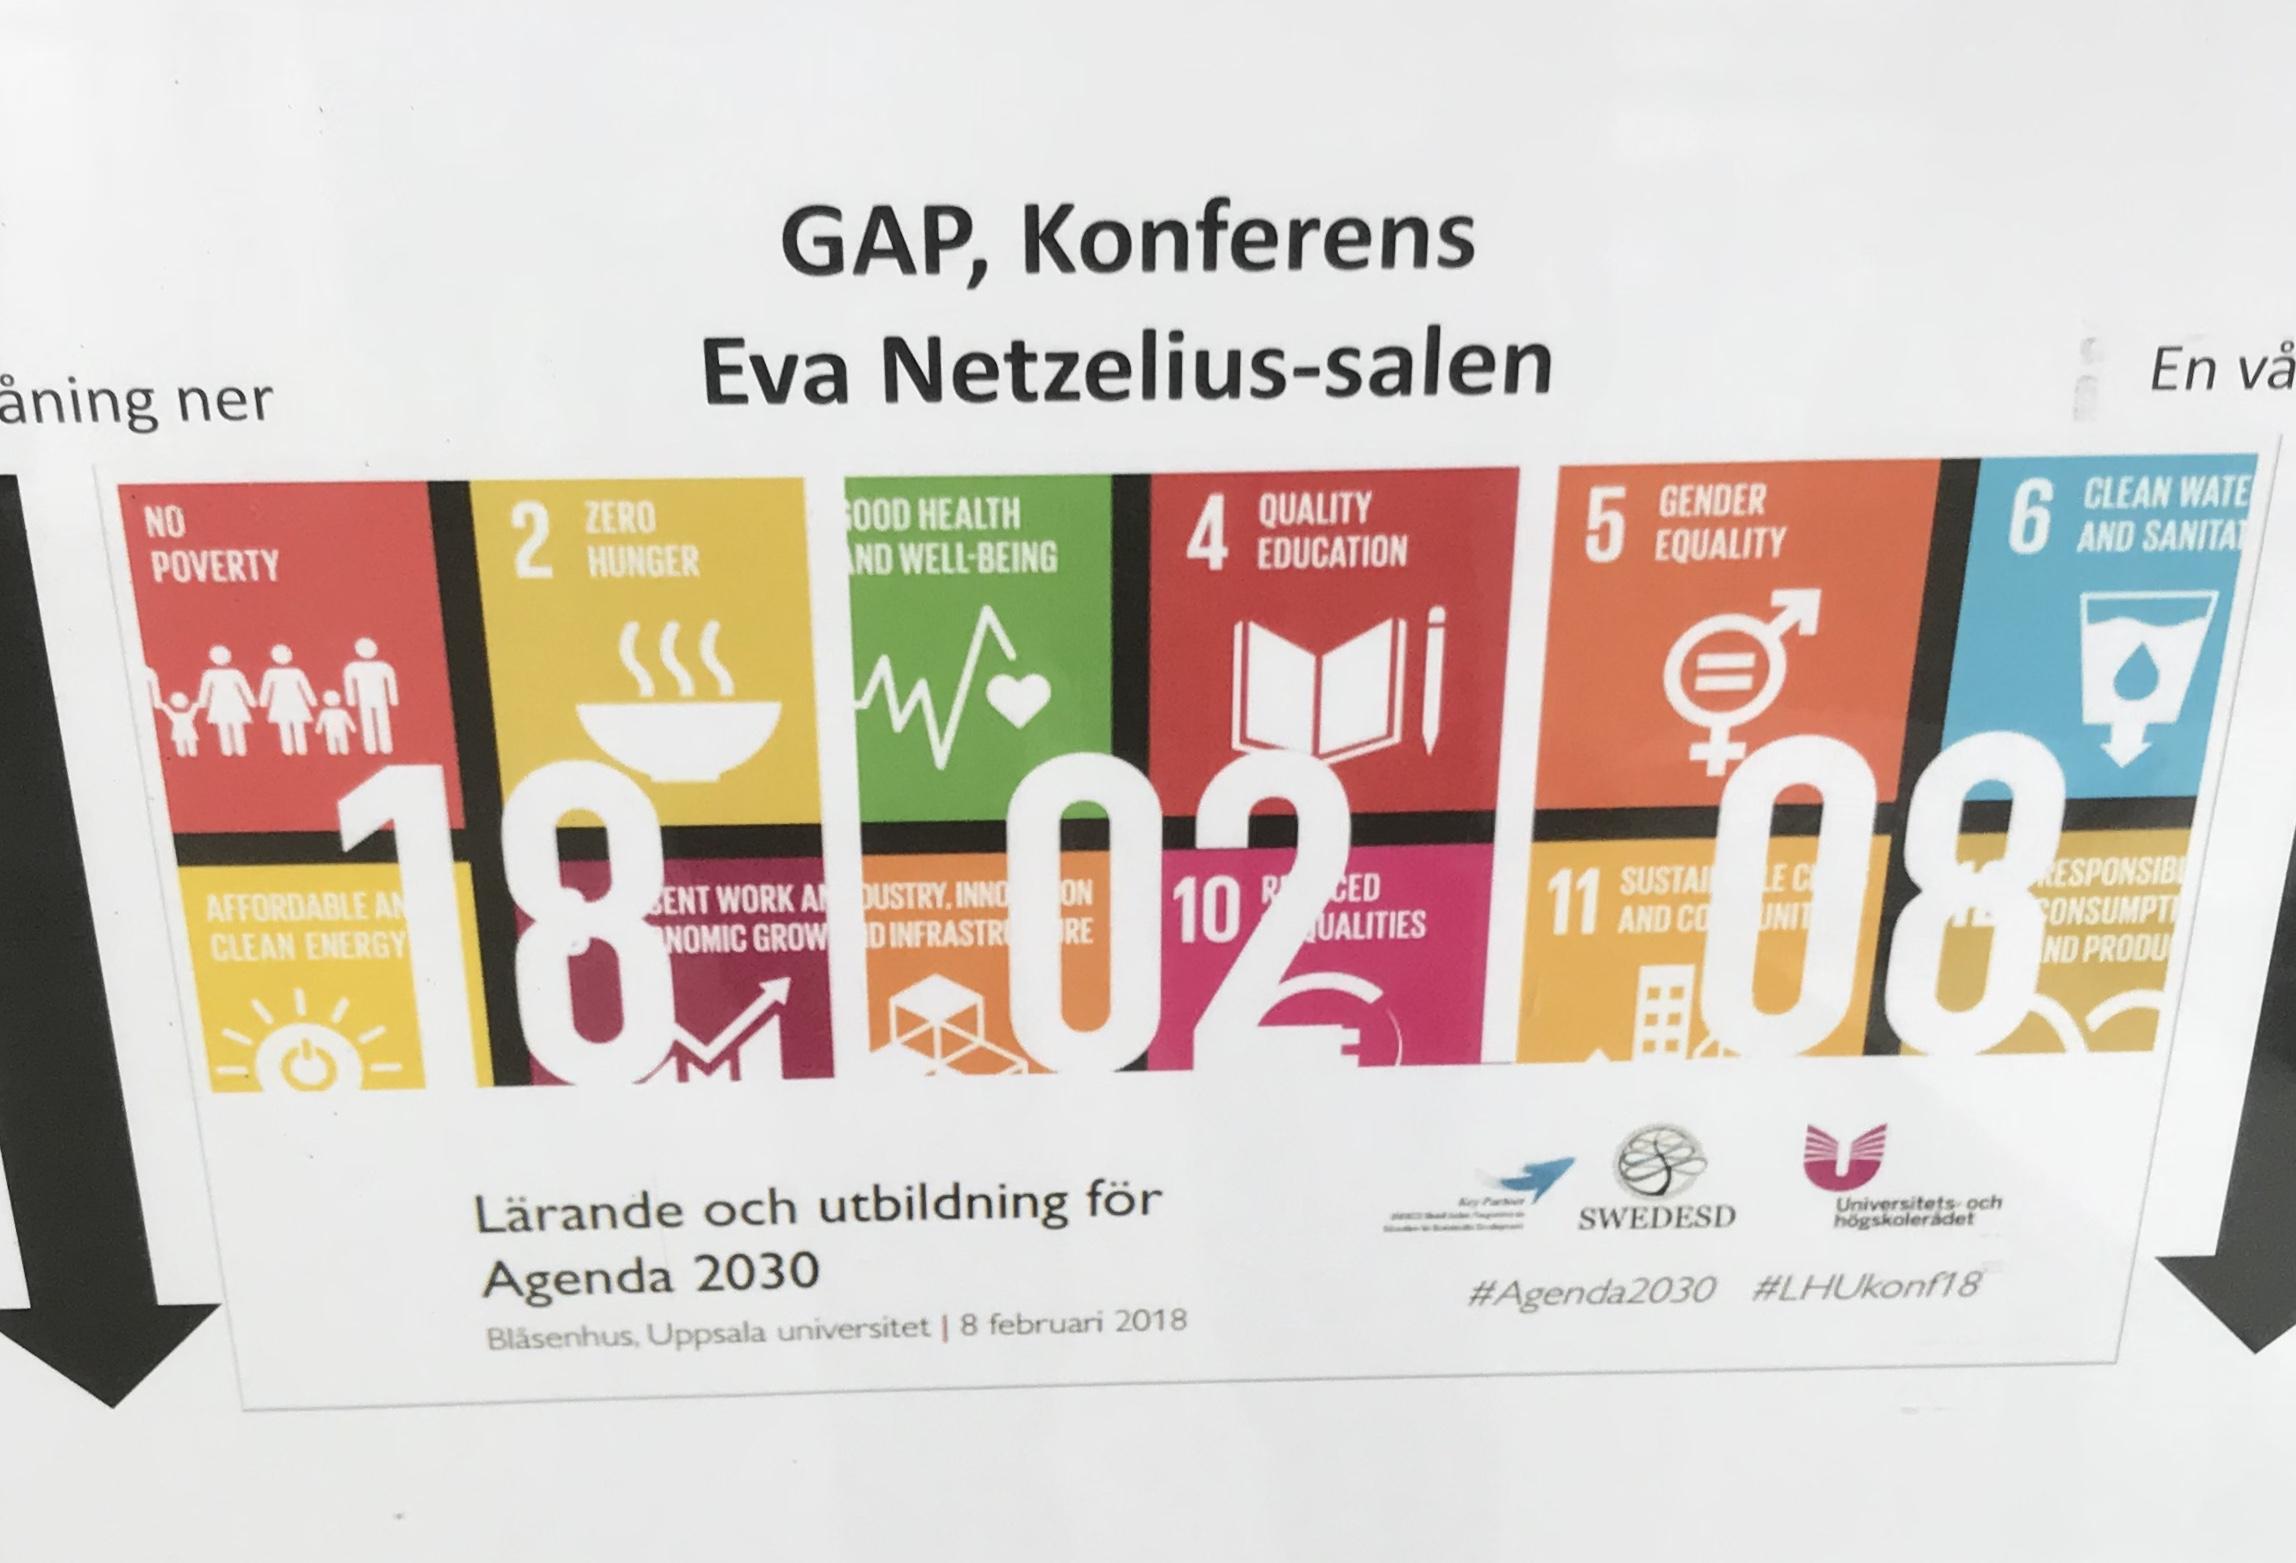 Enighet om handlingsplan for uthallig utveckling